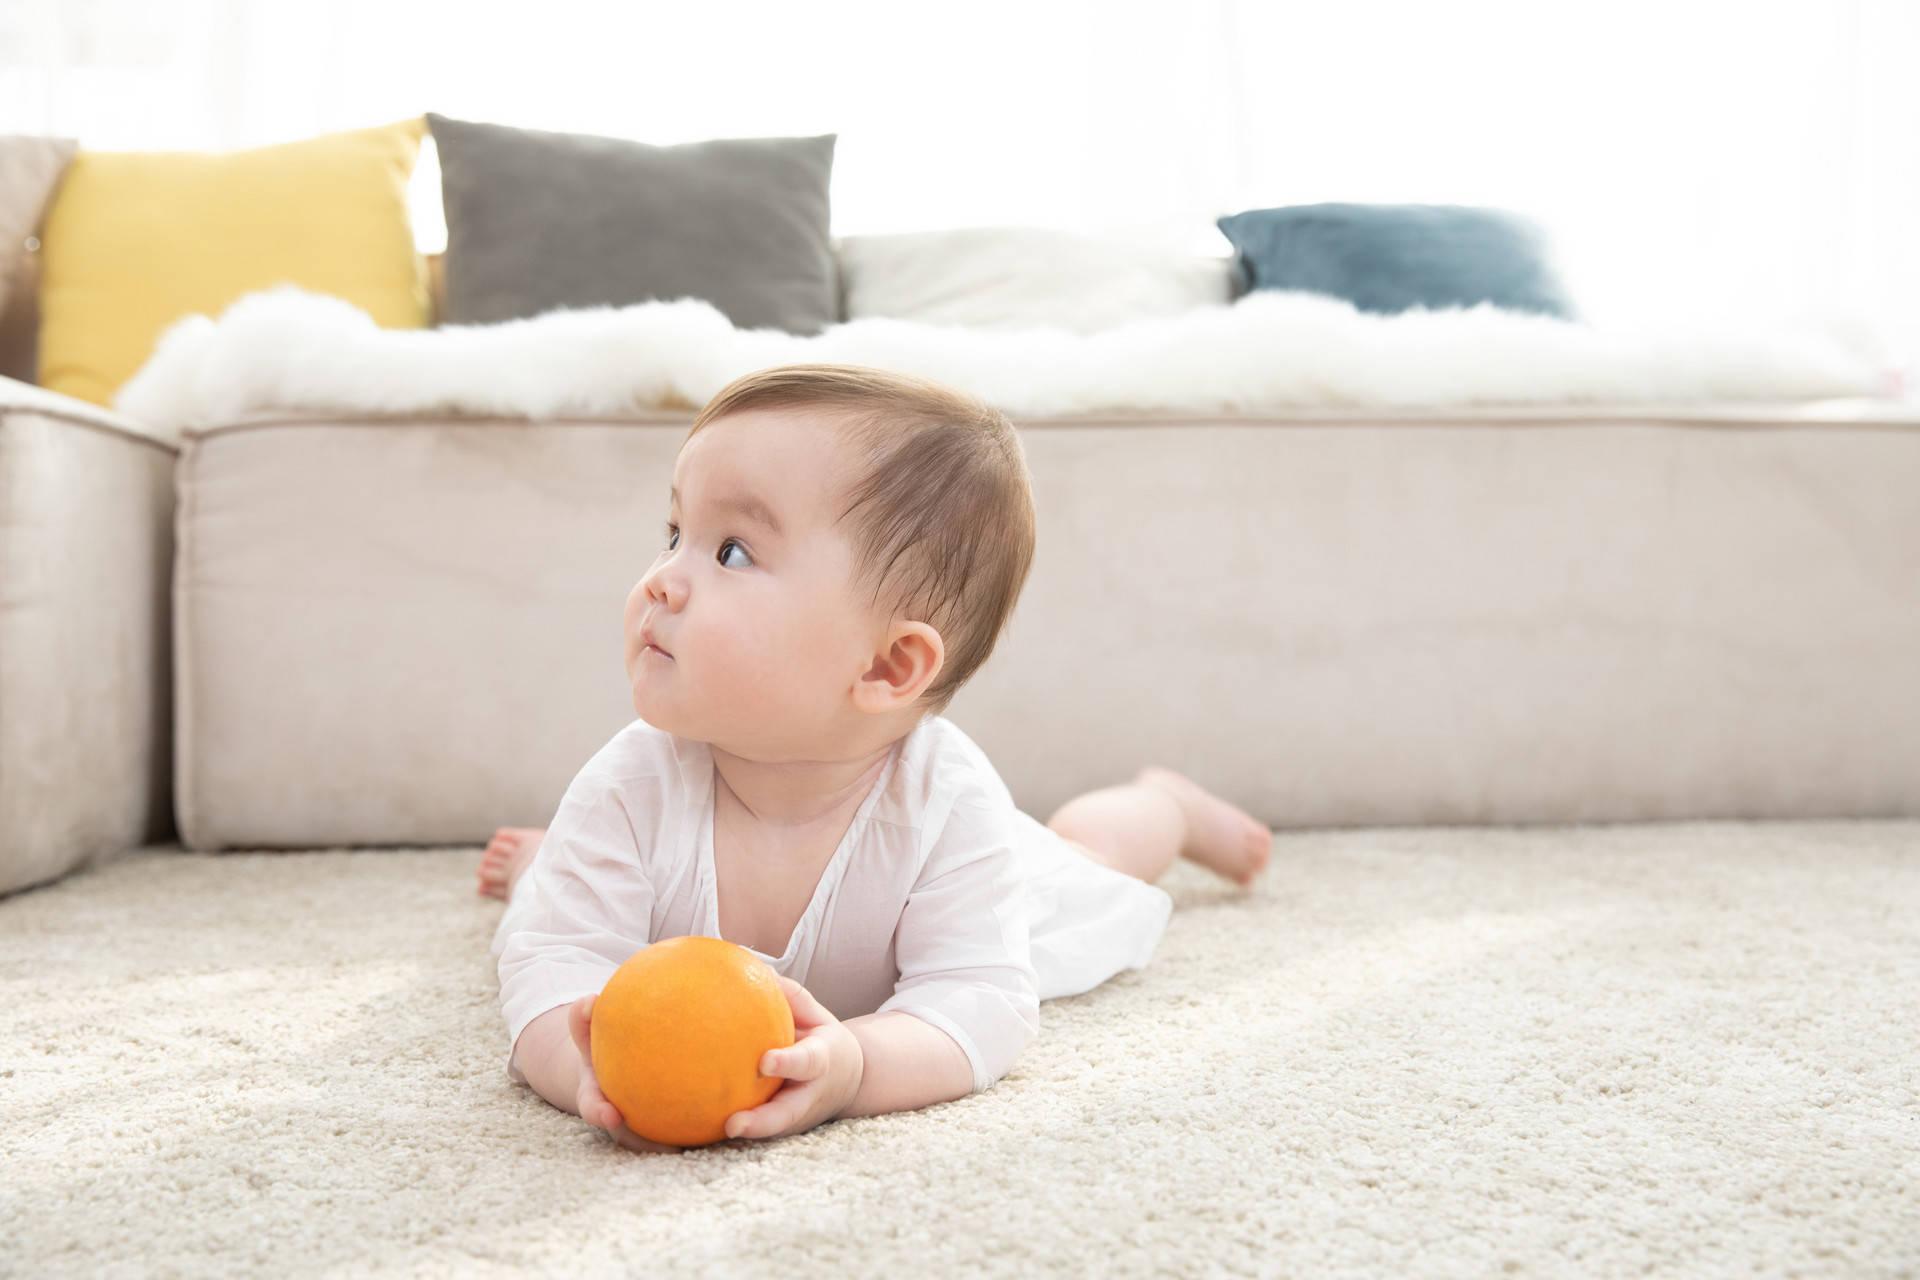 一岁前大动作翻坐爬 藏着宝宝发育秘密 妈妈巧引导让娃更聪明-家庭网